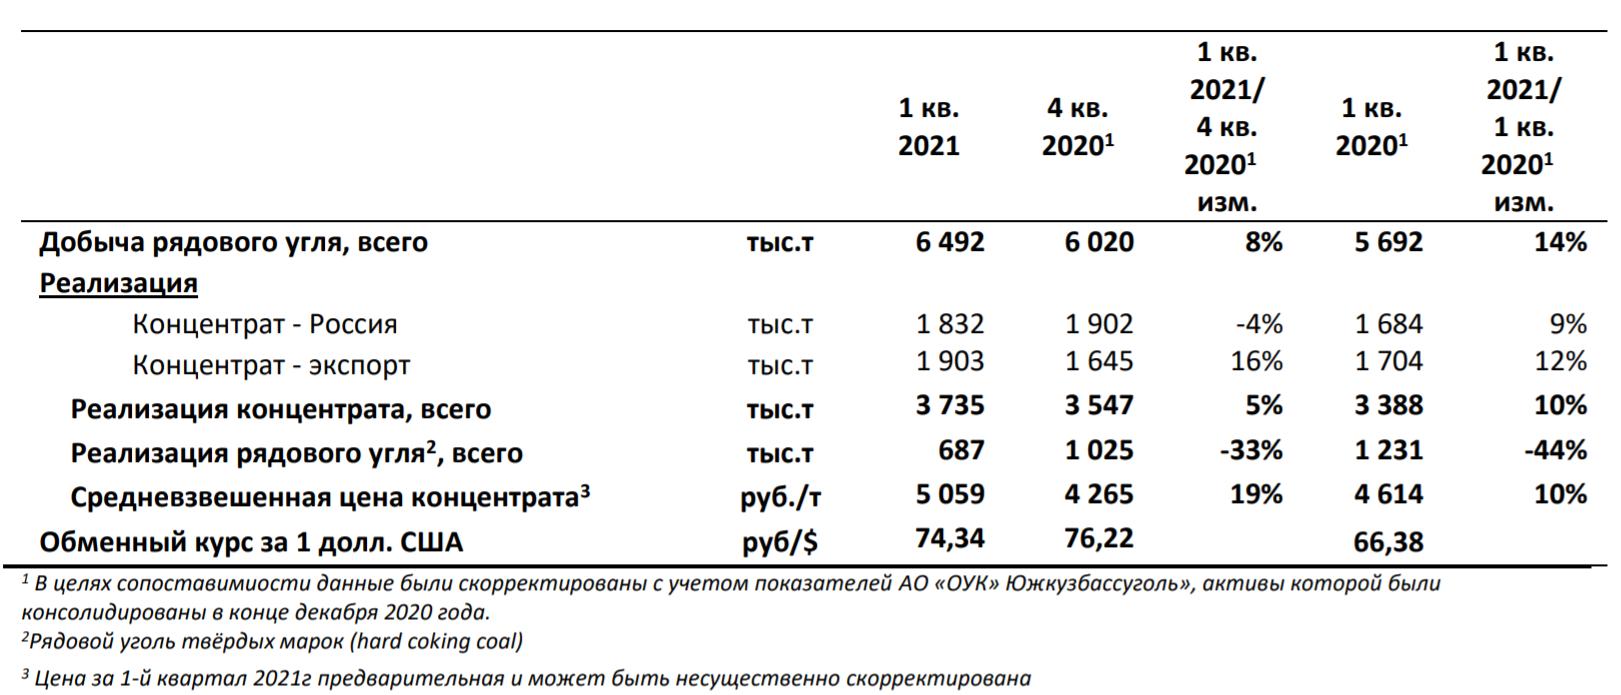 Распадская увеличила добычу угля на 8% в I квартале